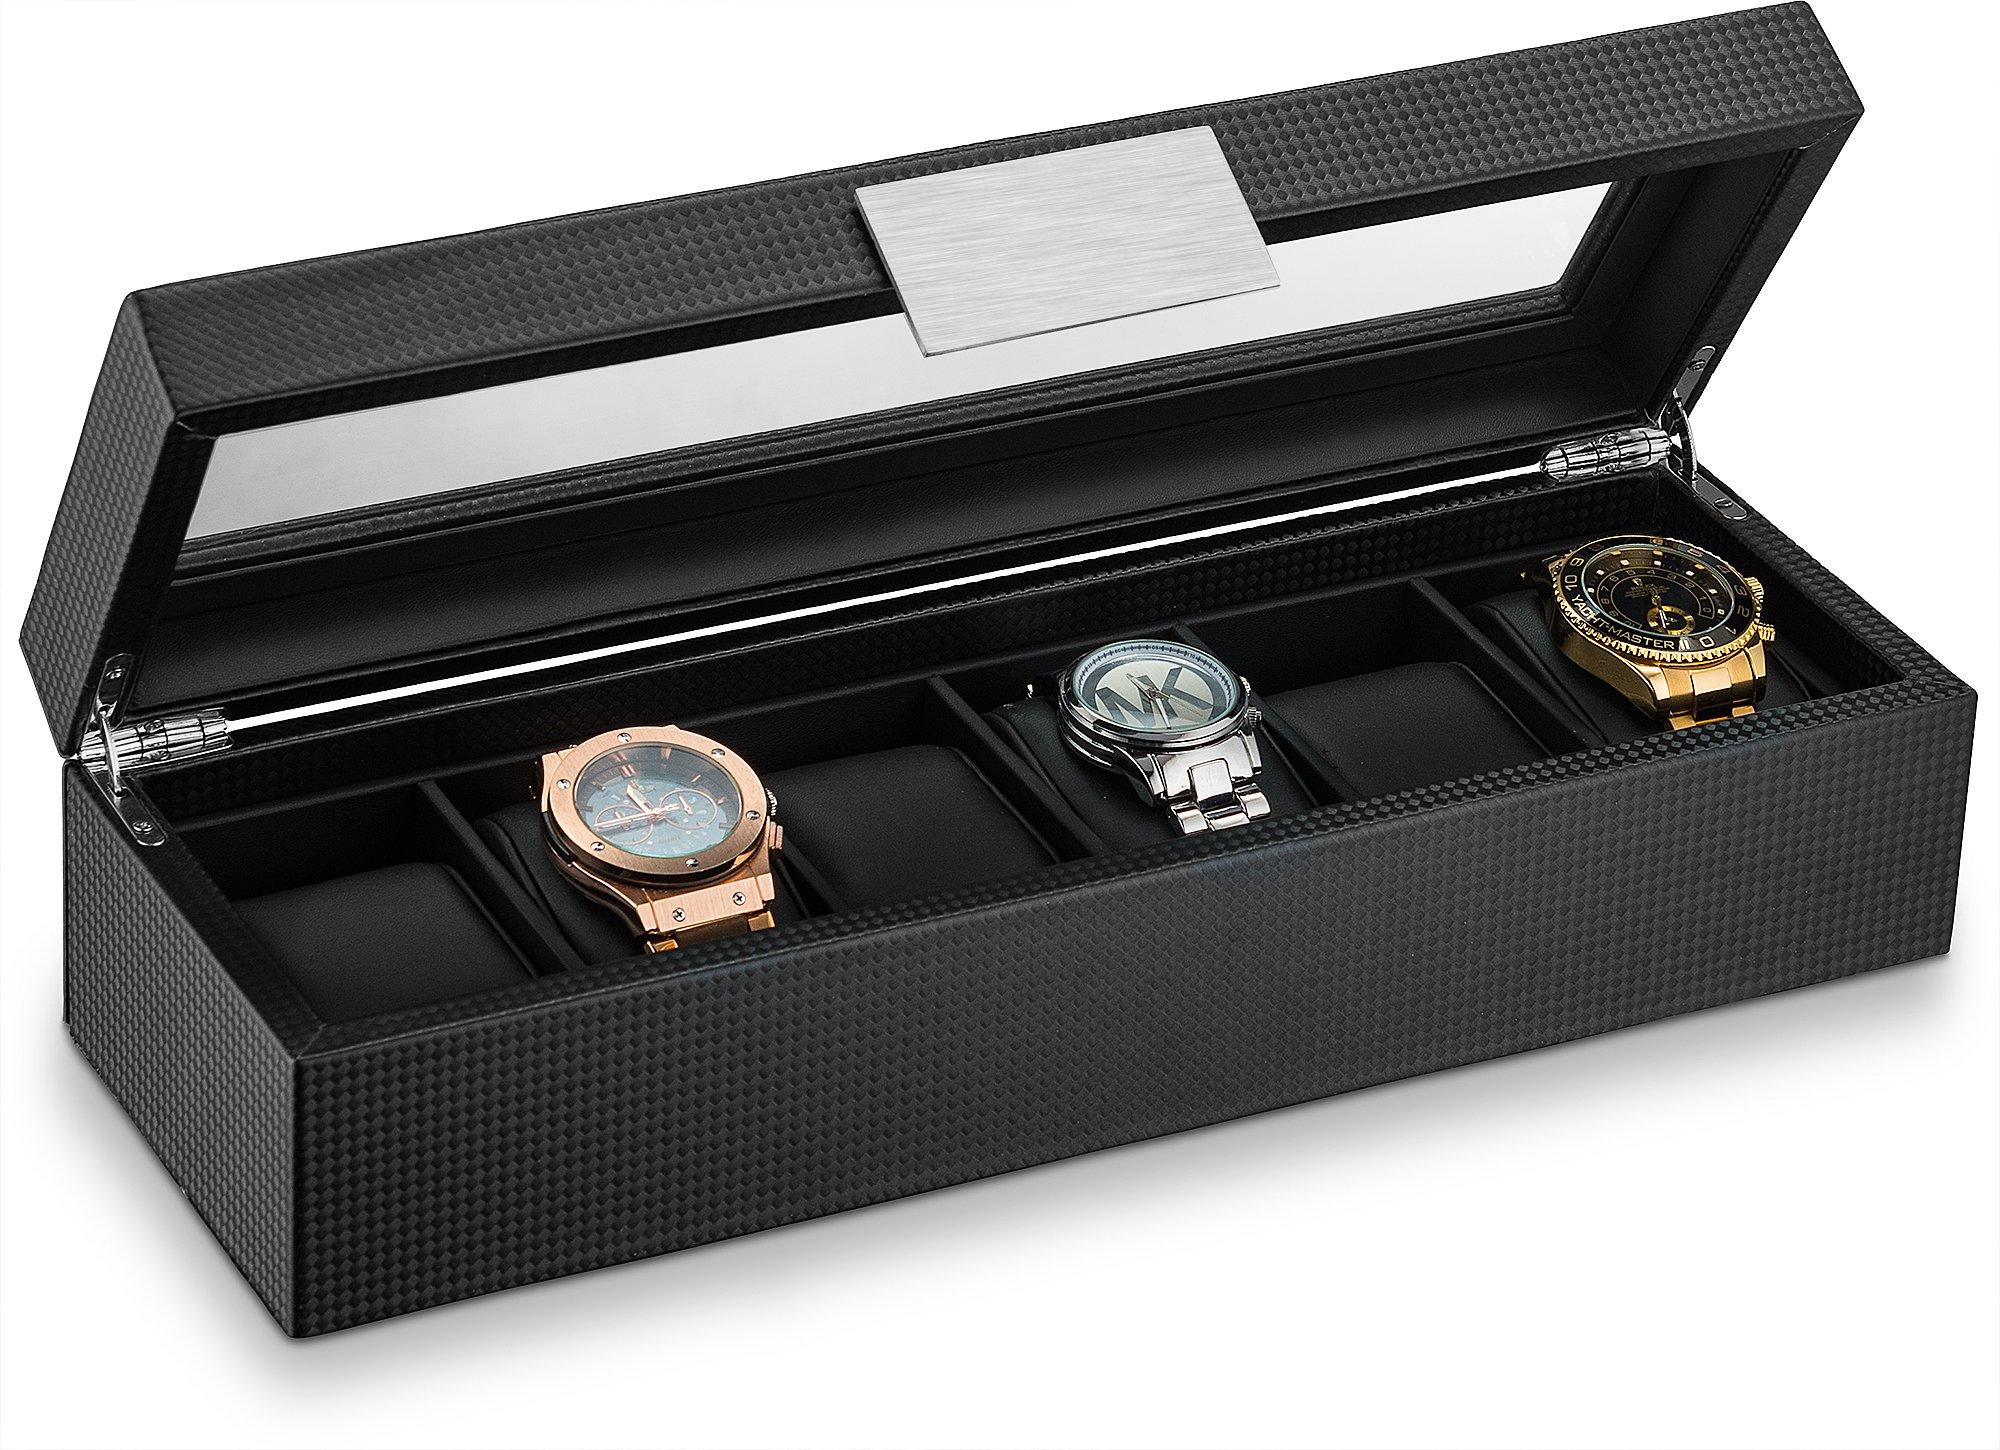 Glenor Co Watch Box Men - 6 Slot Luxury Carbon Fiber Design Mens Display Case, Large Holder,Metal Buckle -Black